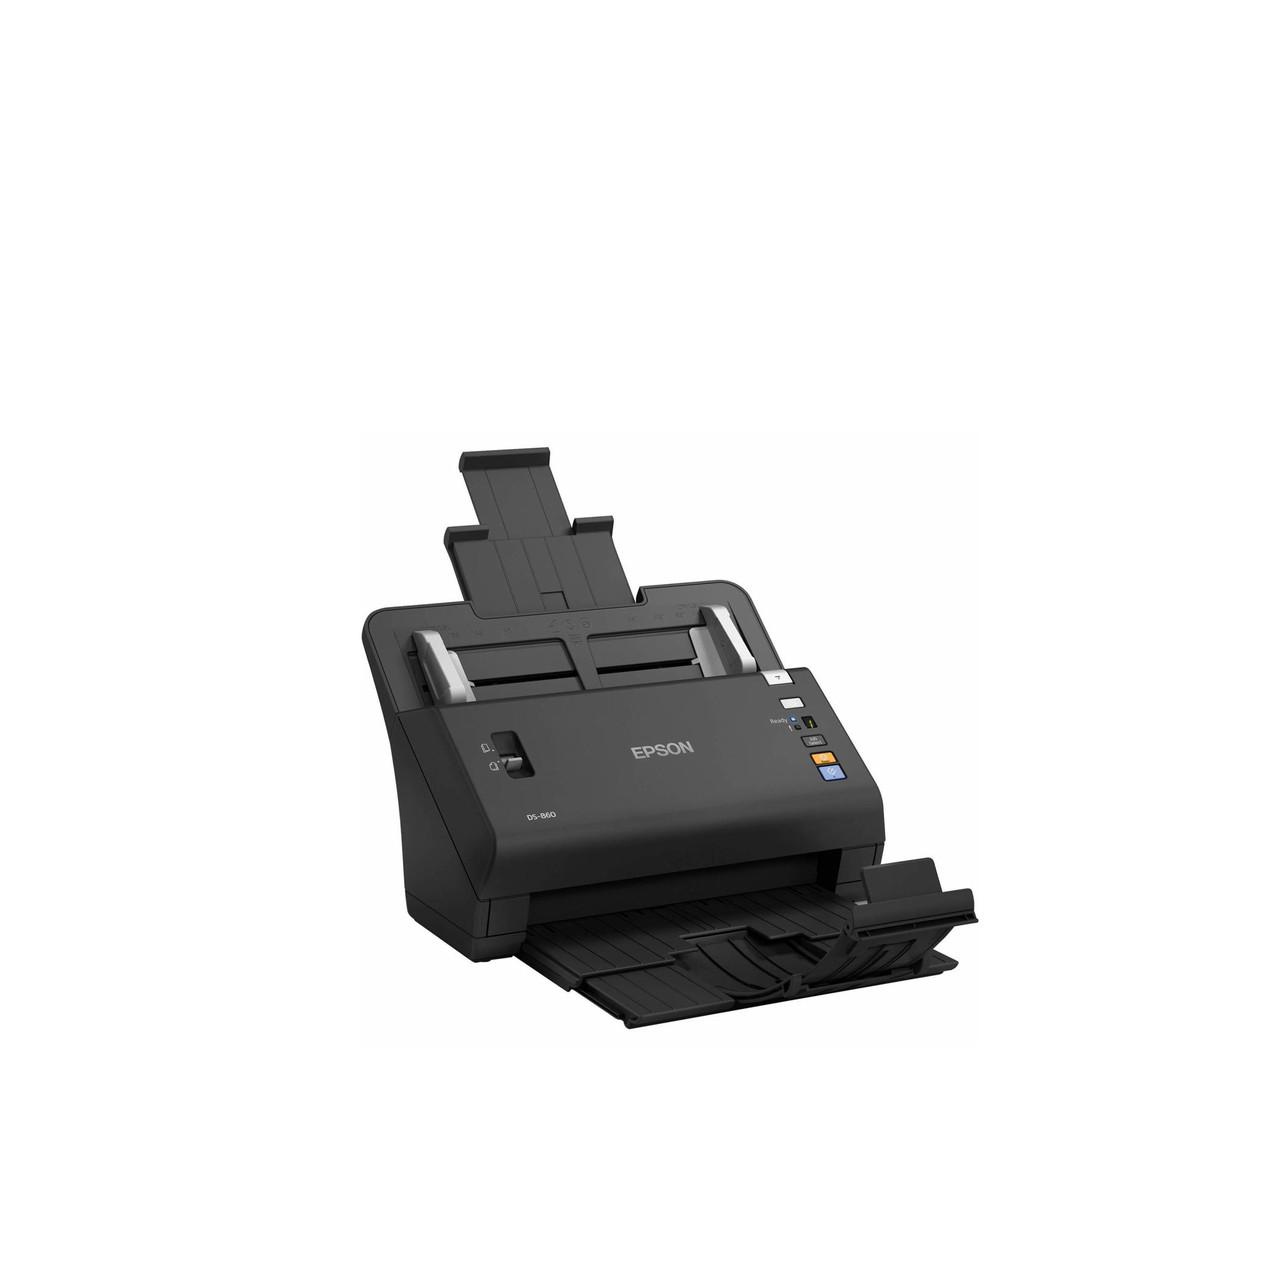 Скоростной | протяжный сканер Epson WorkForce DS-860N (А4, USB, Ethernet) B11B222401BT